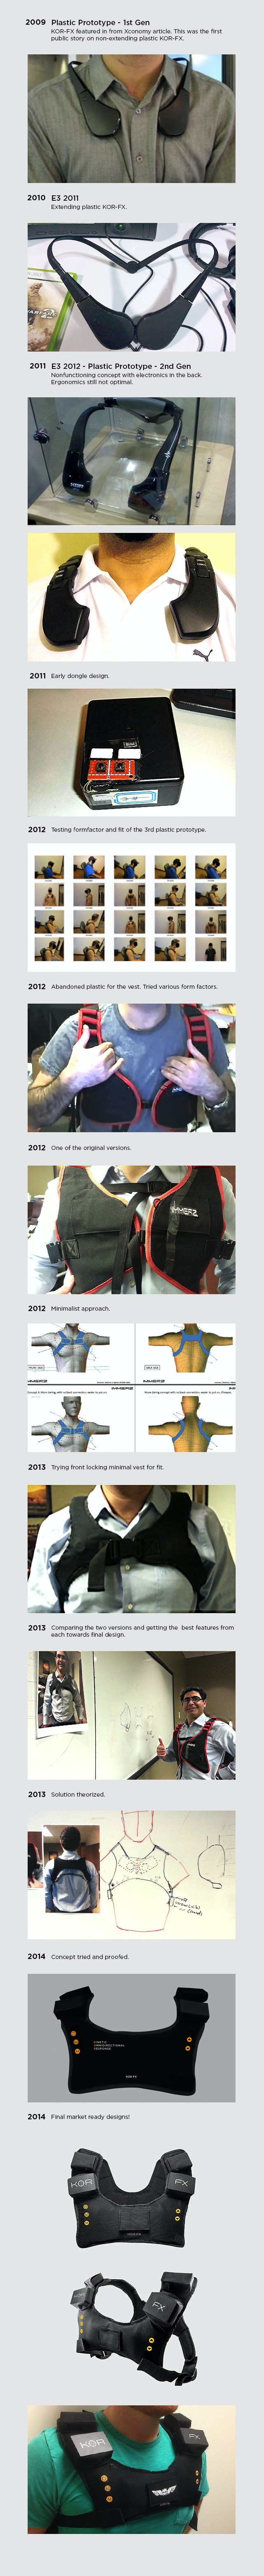 Kor Fx Gaming Vest 4dfx Haptic Feedback System By Kor Fx Immerz